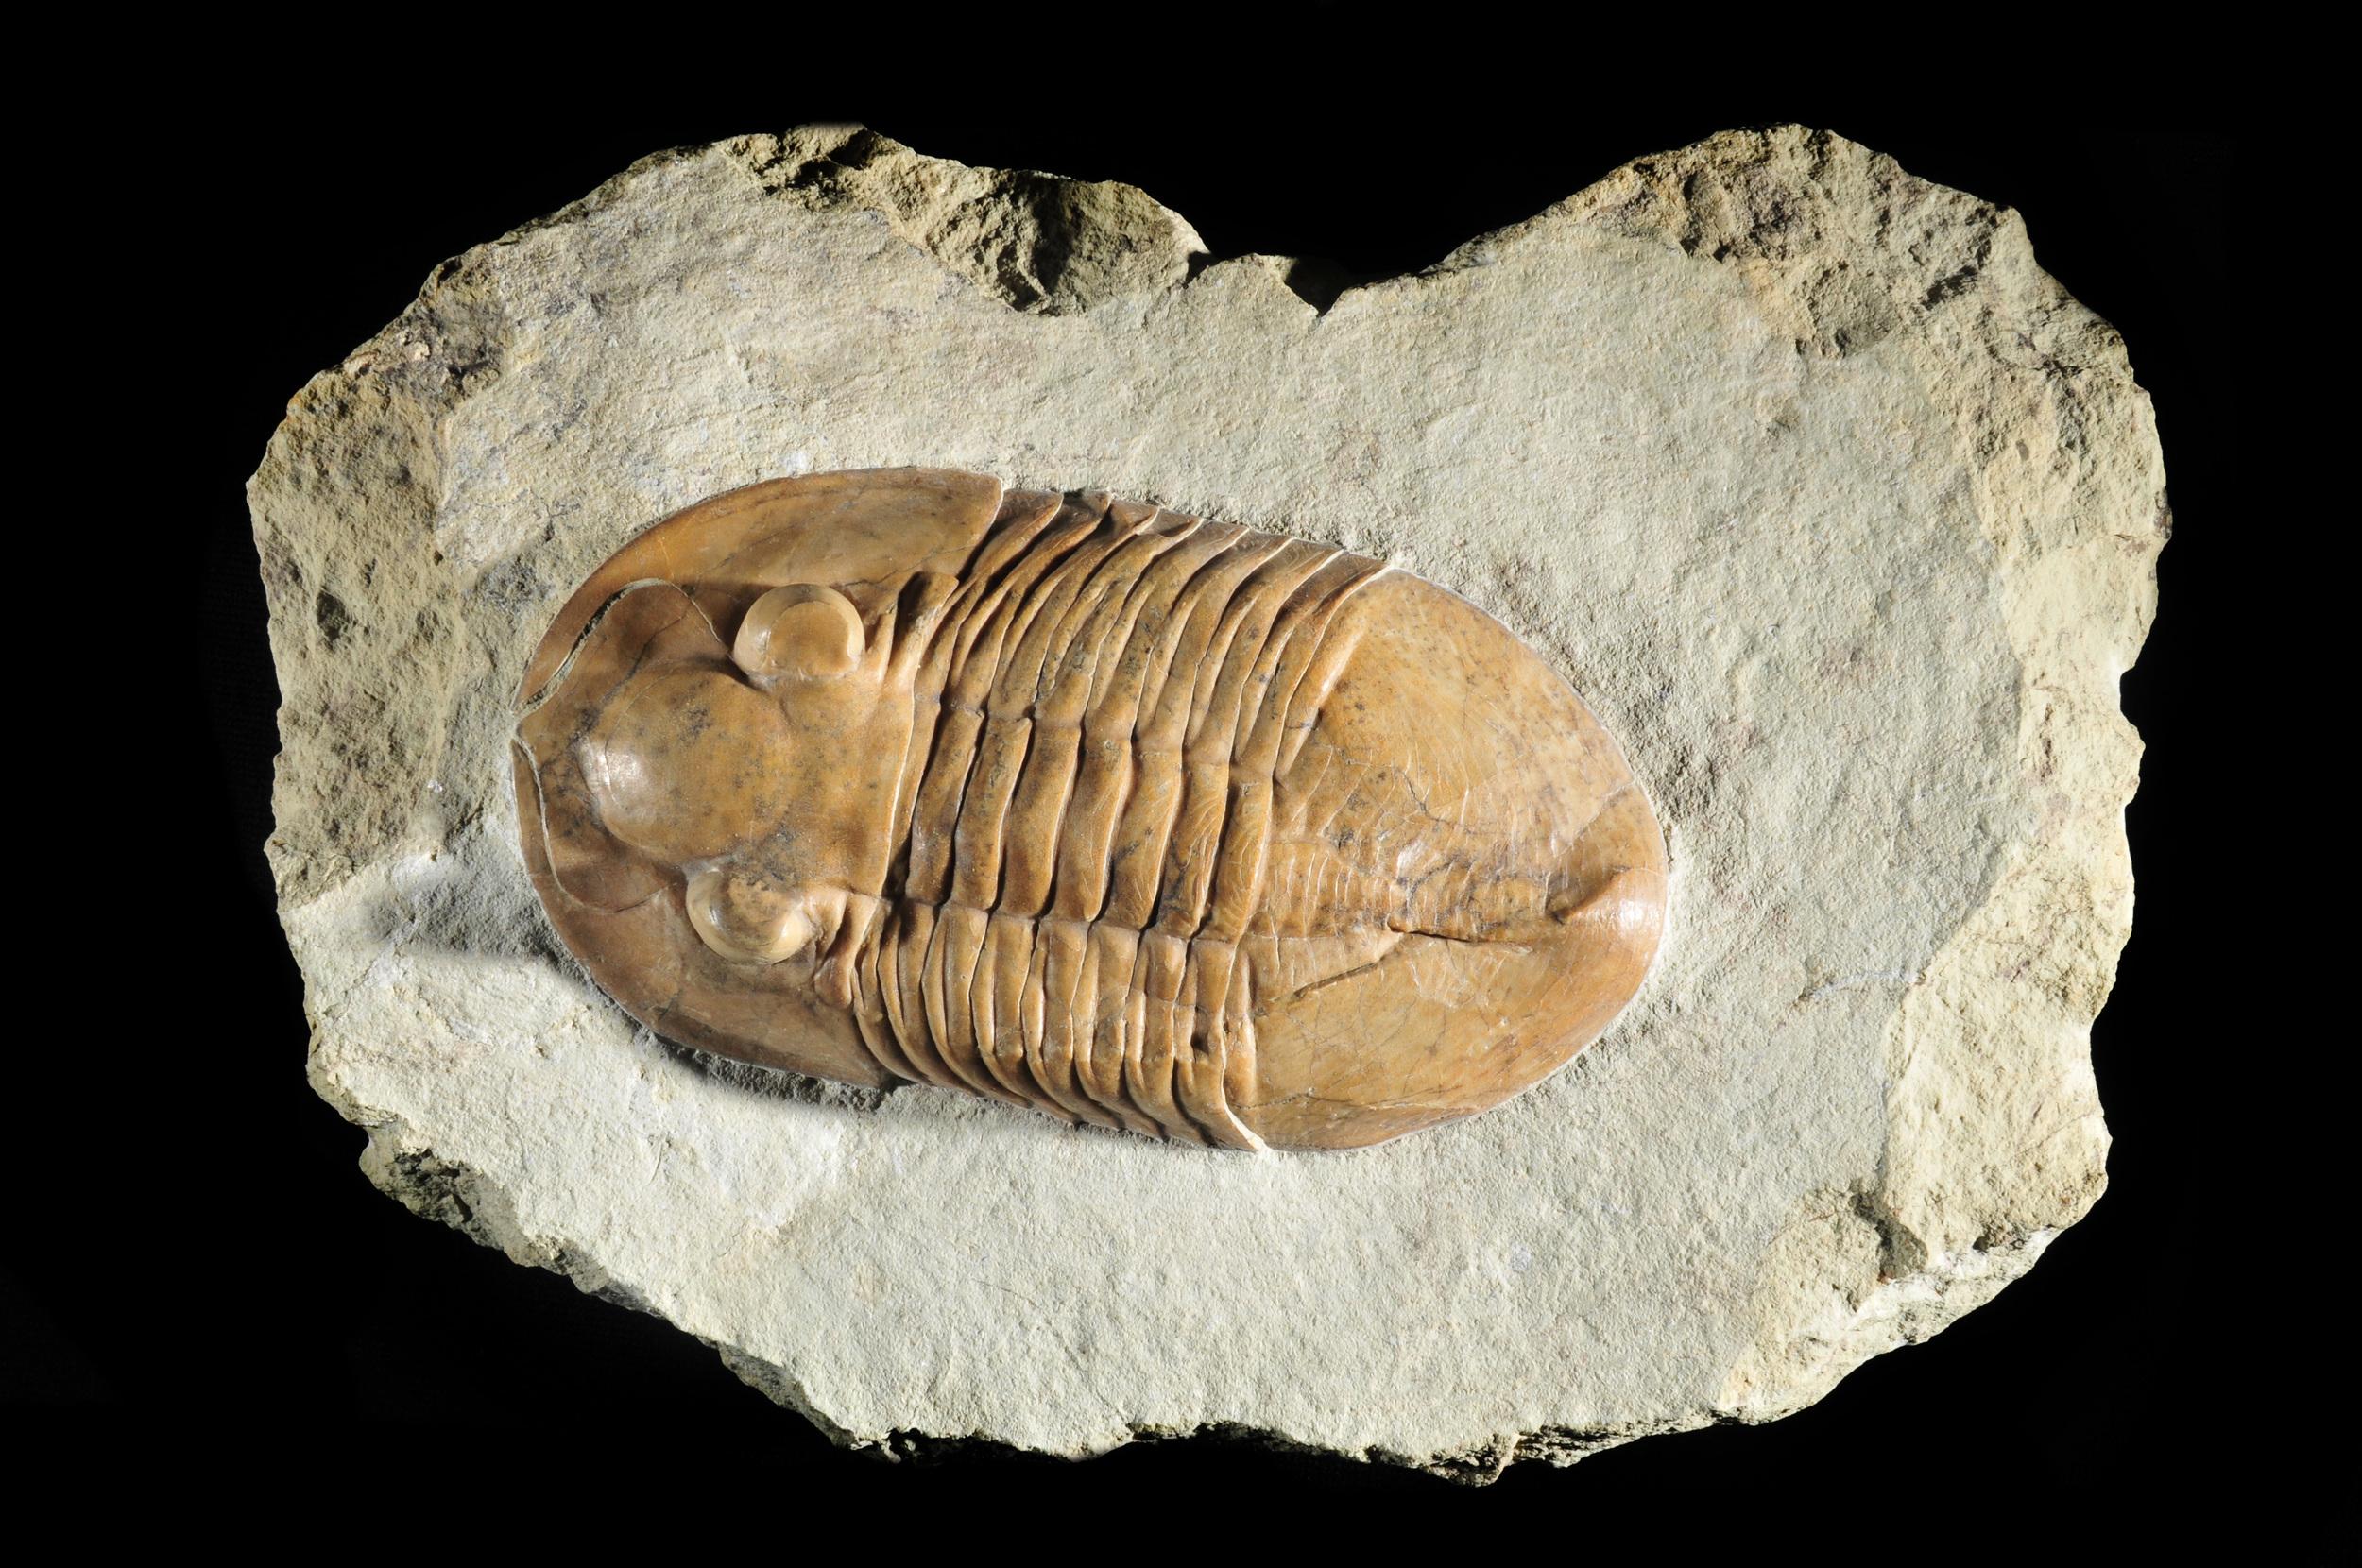 Asaphus trilobite